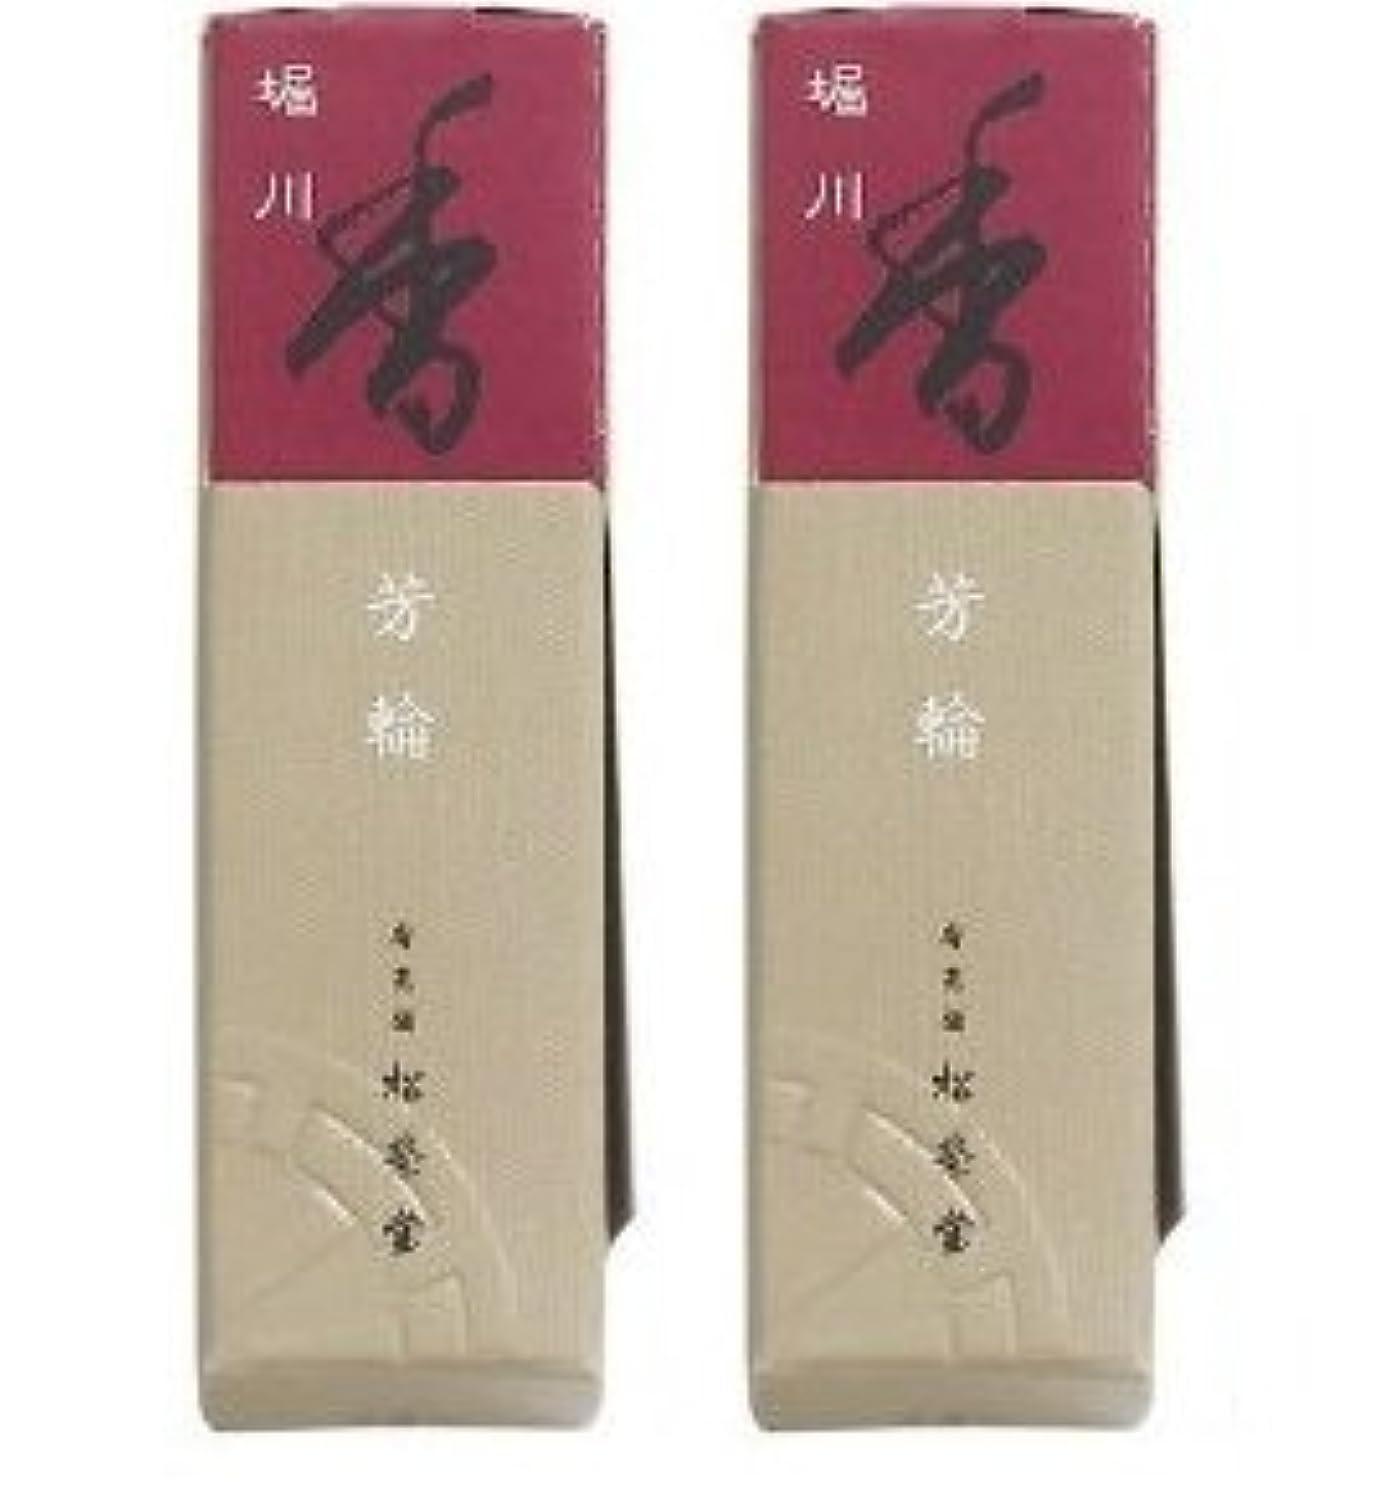 スキャンダラス人柄事務所松栄堂 芳輪 堀川 スティック20本入 2箱セット